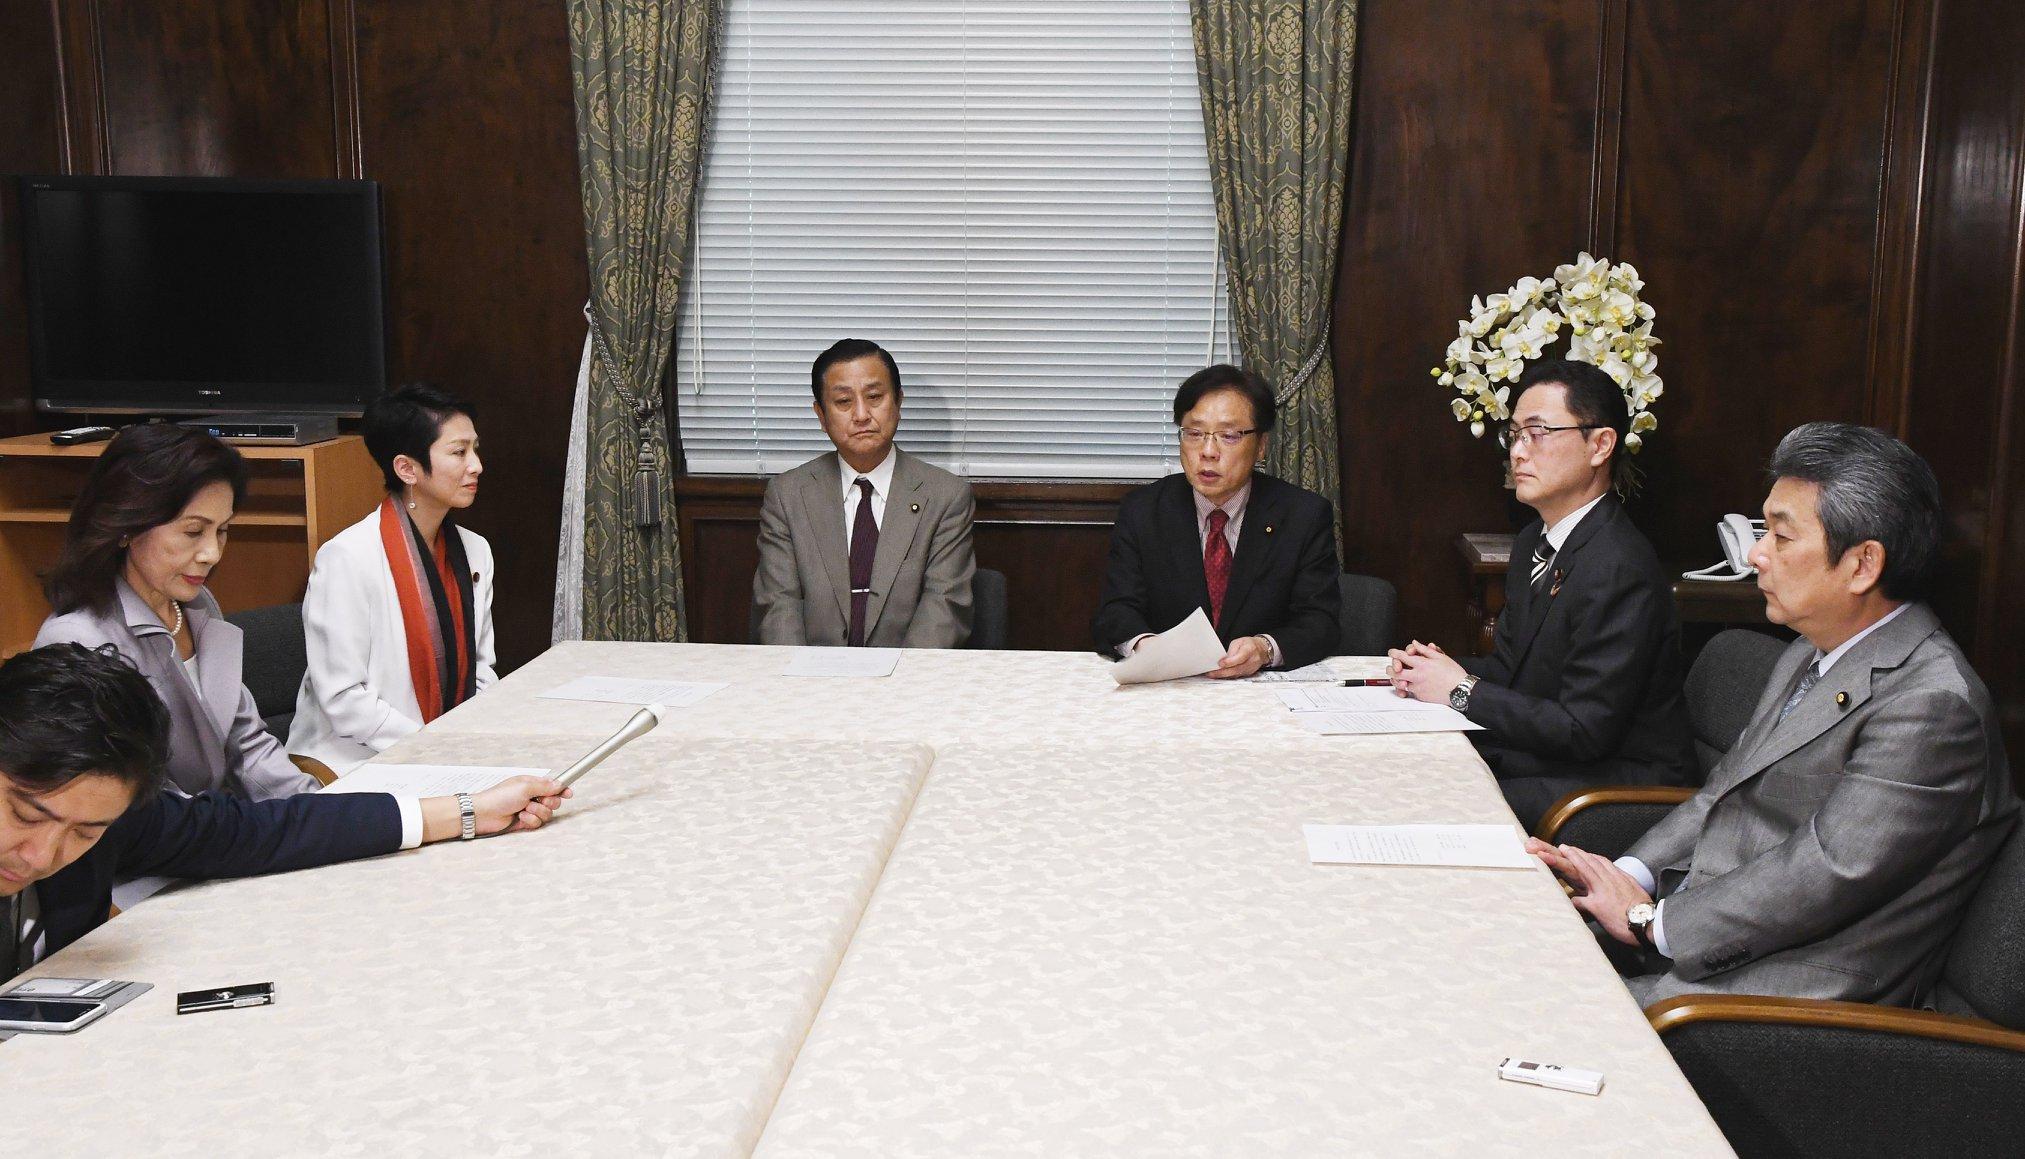 http://www.inoue-satoshi.com/diary/%E9%87%8E%E5%85%9A%E5%9B%BD%E5%AF%BE.jpg